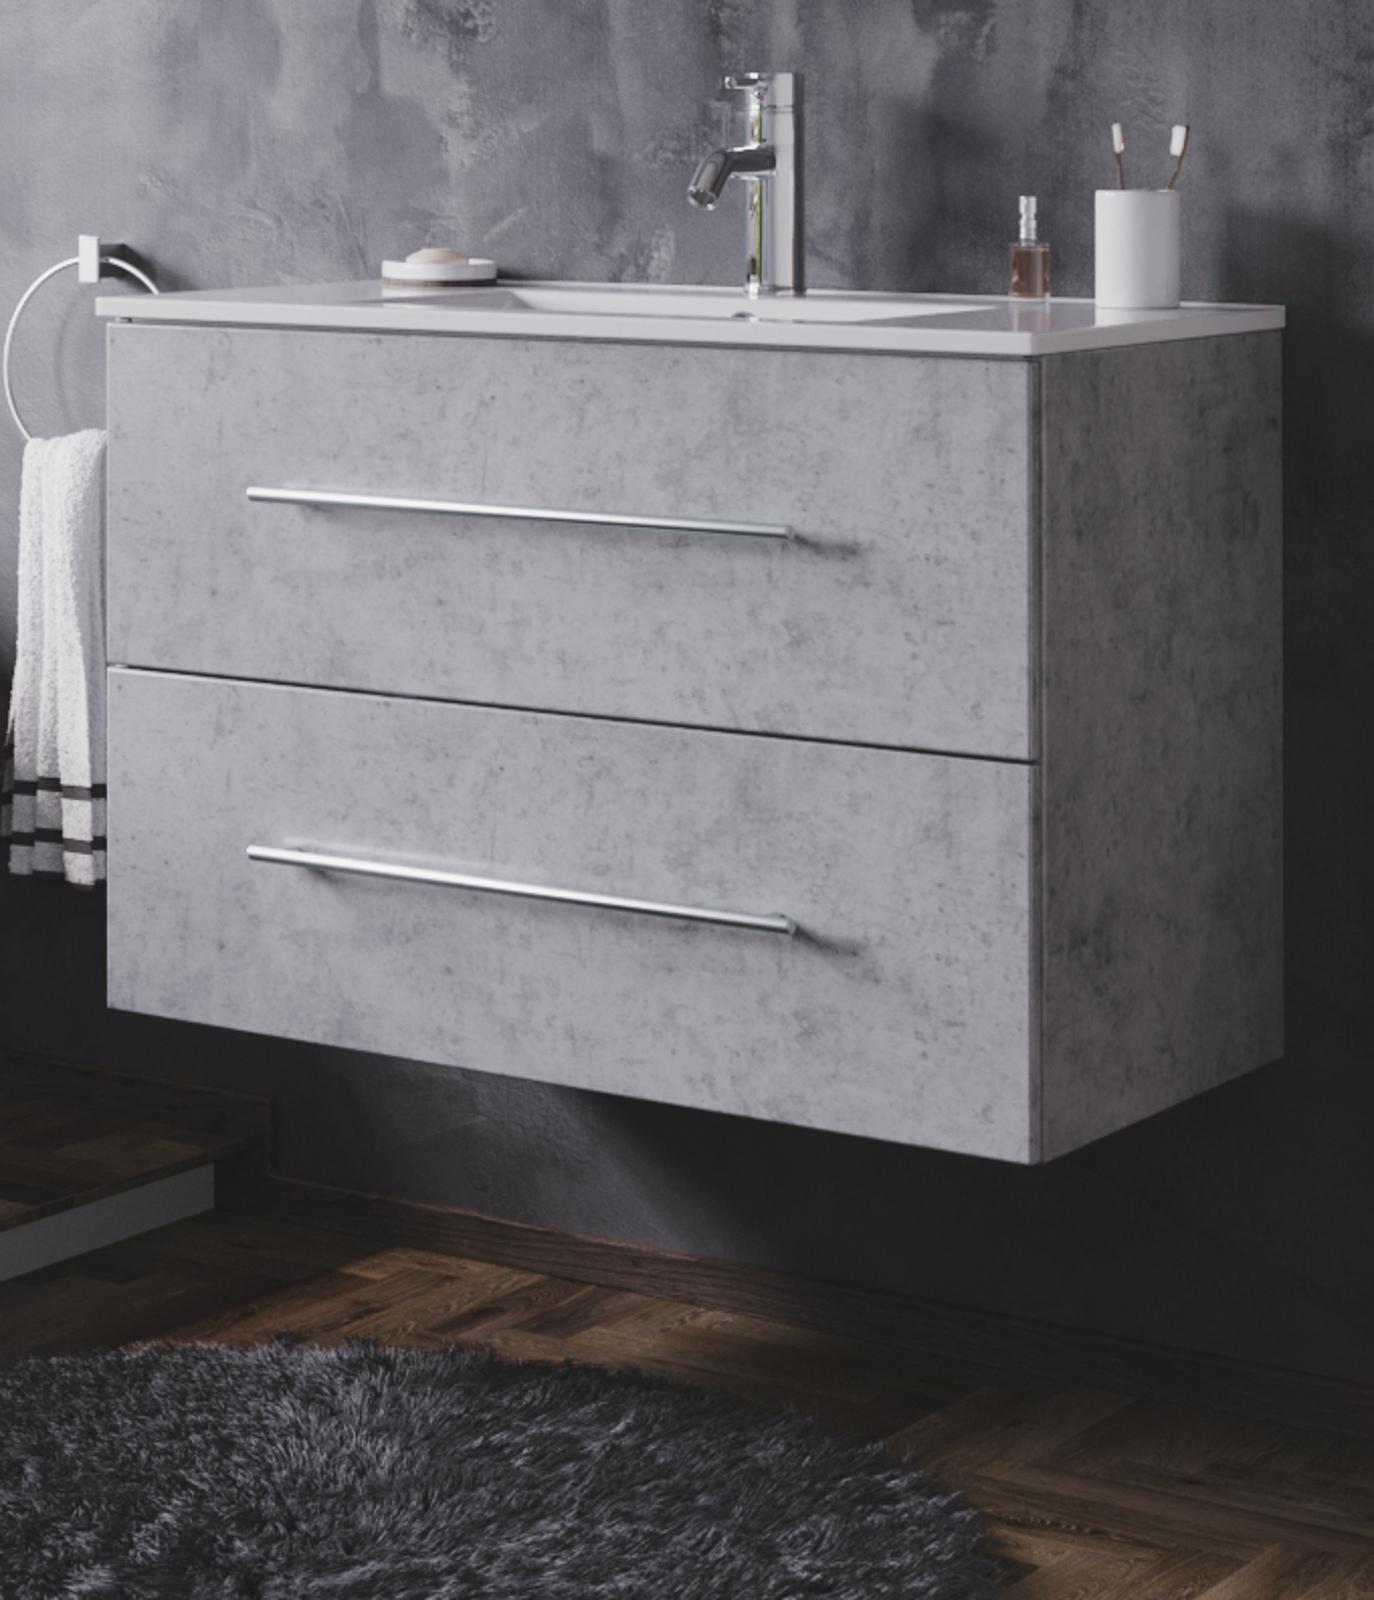 Waschbeckenunterschrank Homeline in Stone Design grau Waschtisch hängend  inkl. Waschbecken 20 teilig 20 x 20 cm